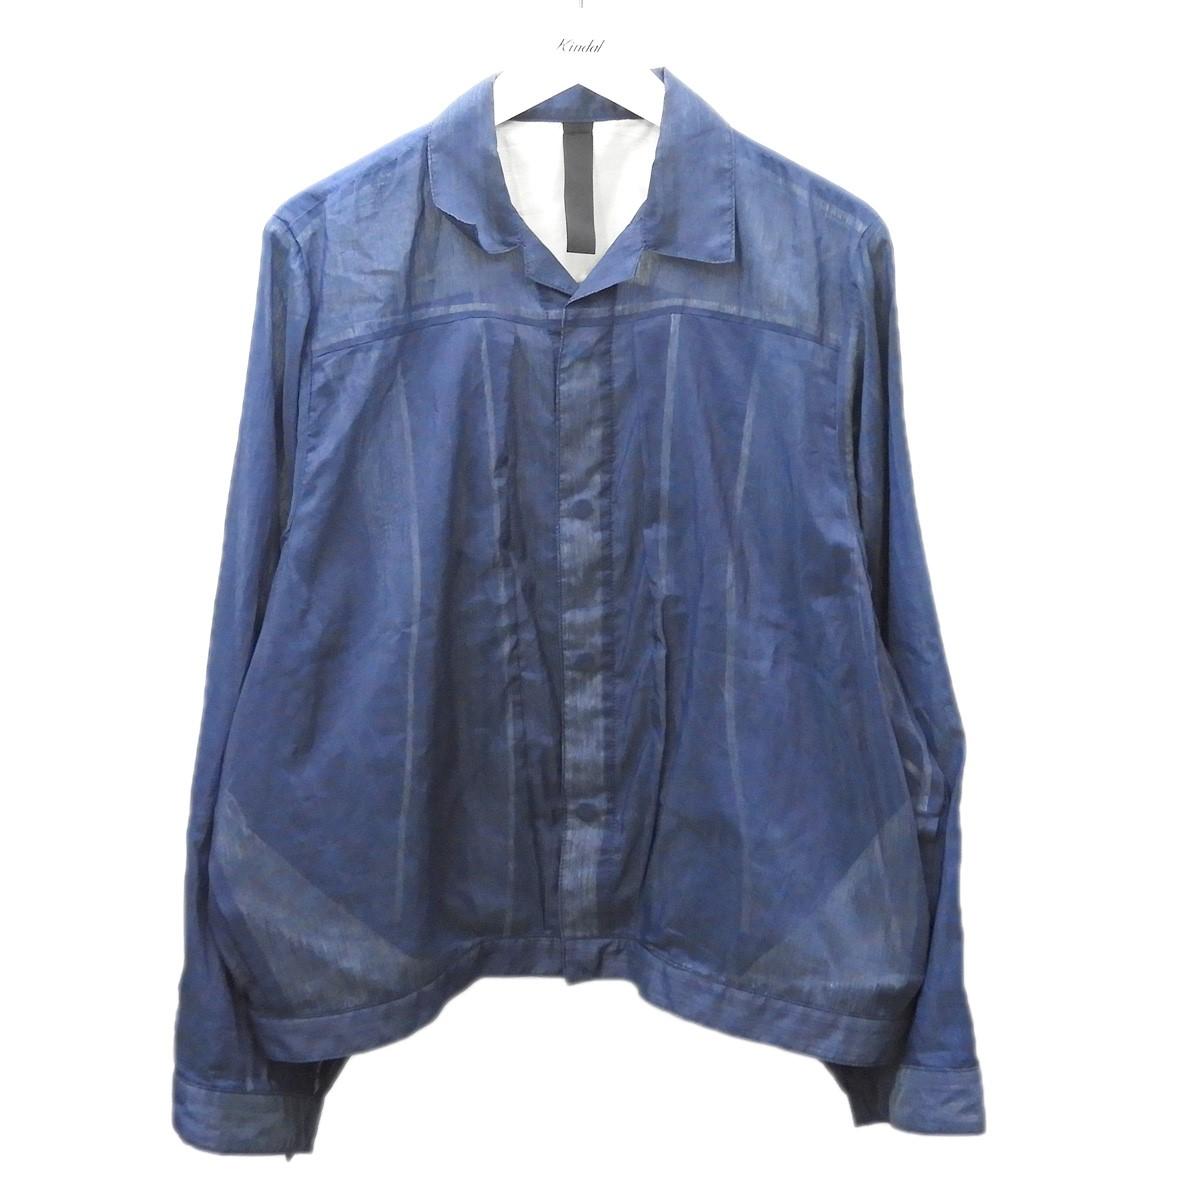 【中古】SHINYA KOZUKA 2018AW シースルートラッカージャケット ネイビー サイズ:M 【080720】(シンヤコヅカ)